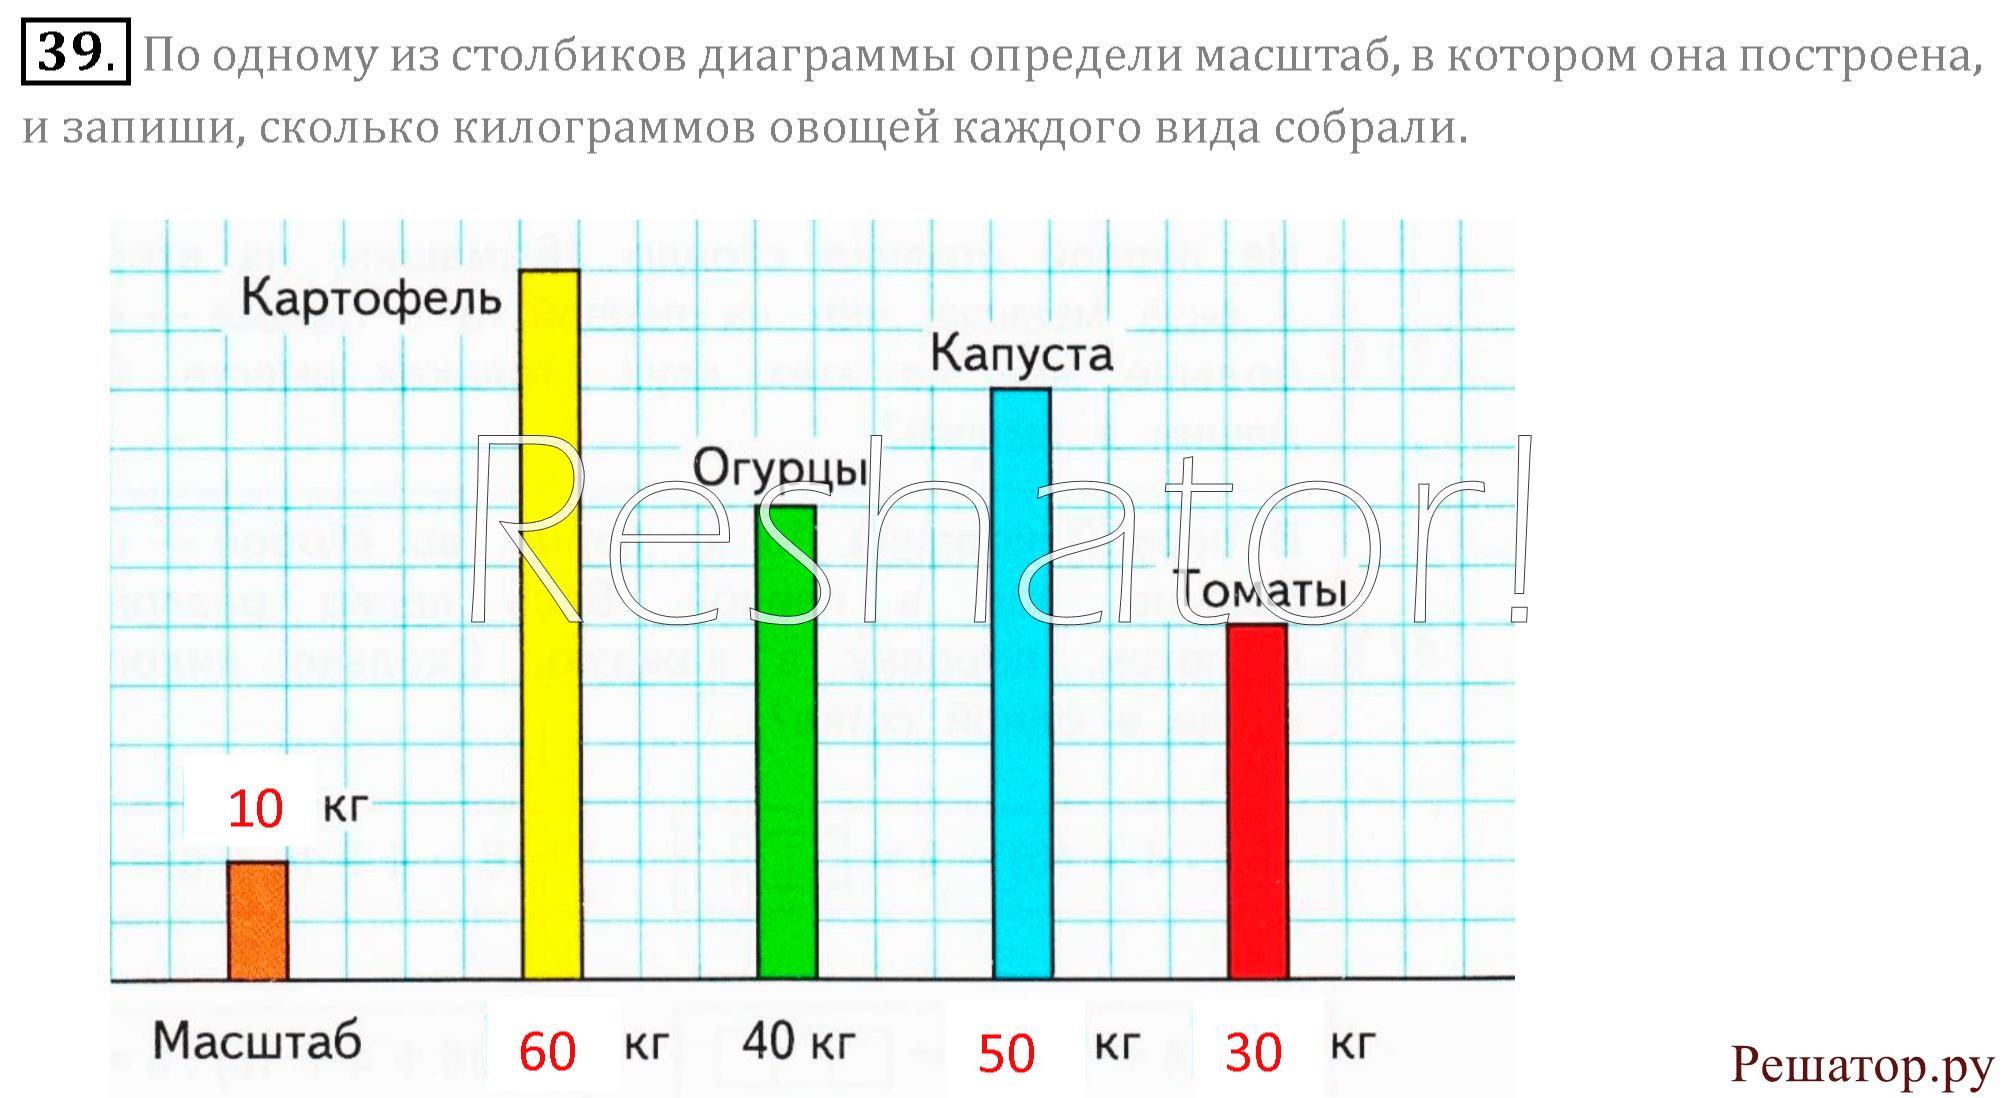 Как построить диаграмму в Excel 49